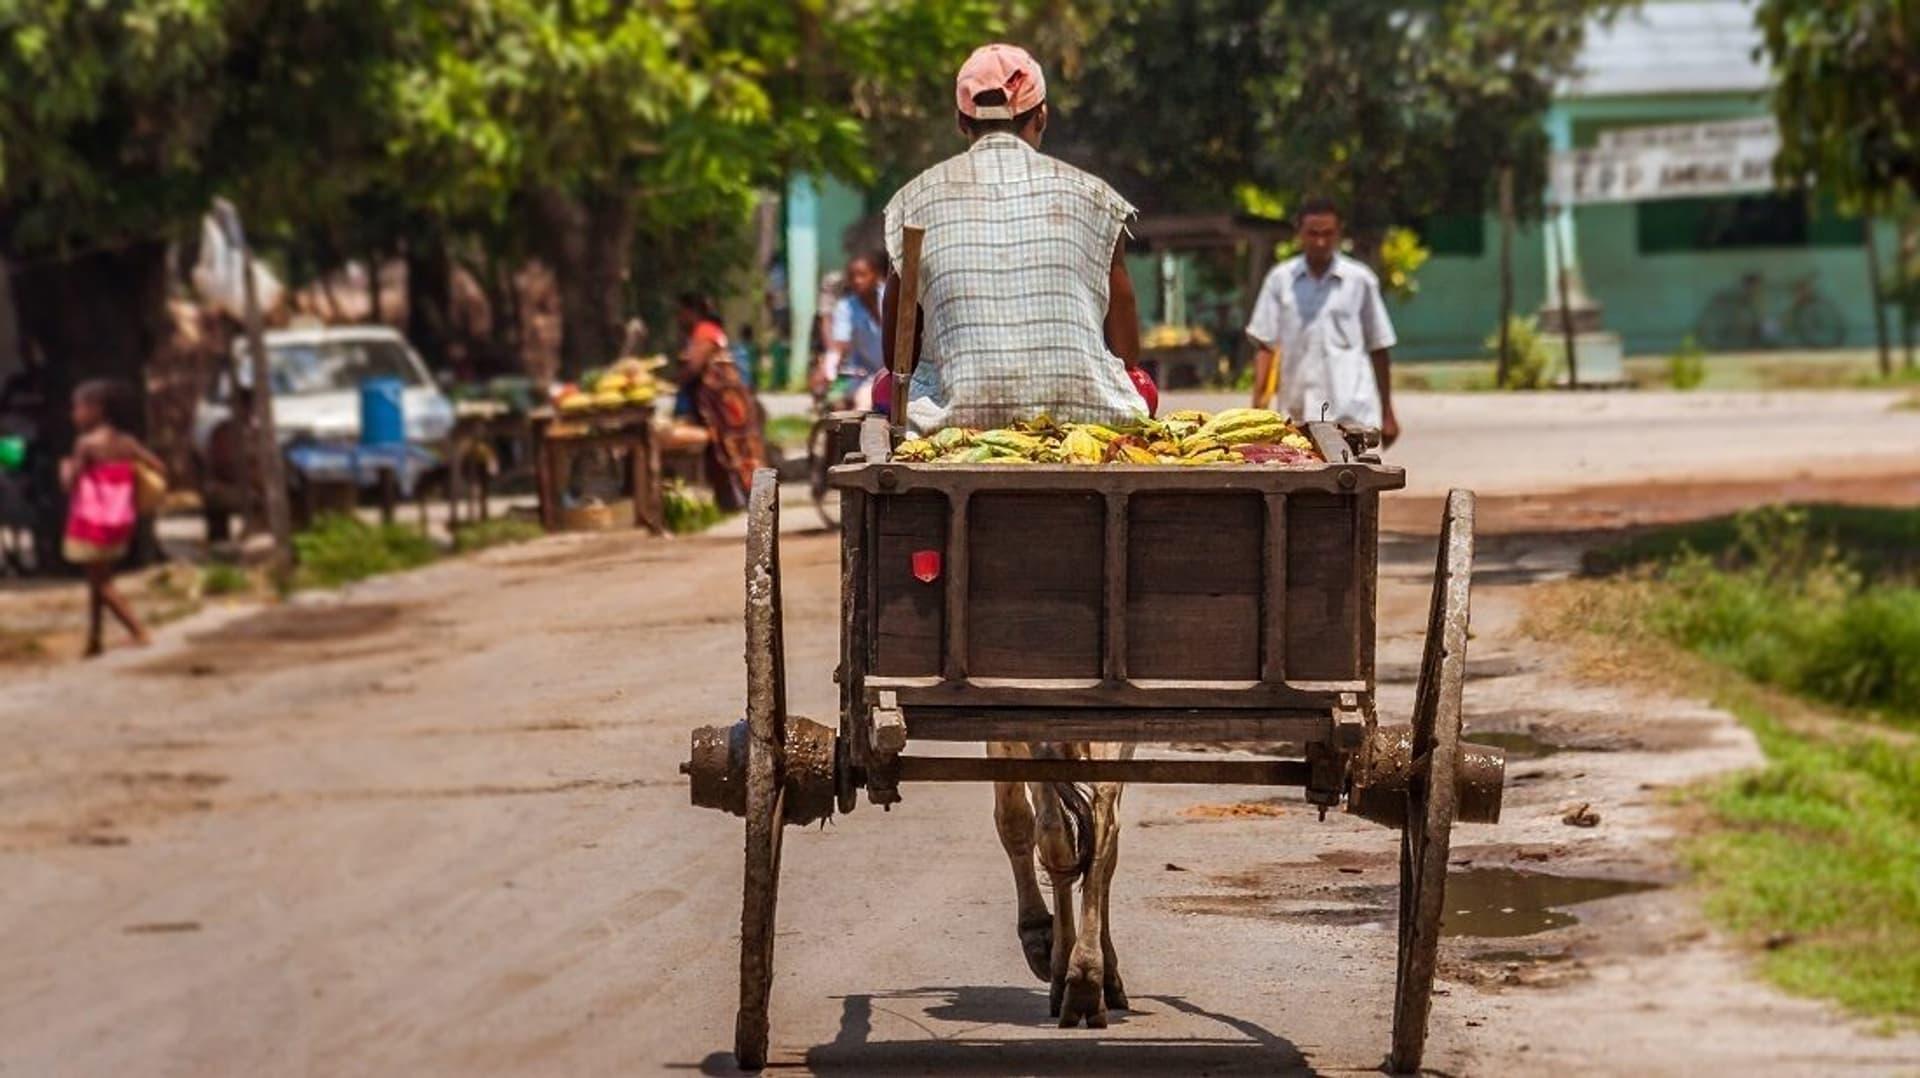 Kakaobauer auf Karren